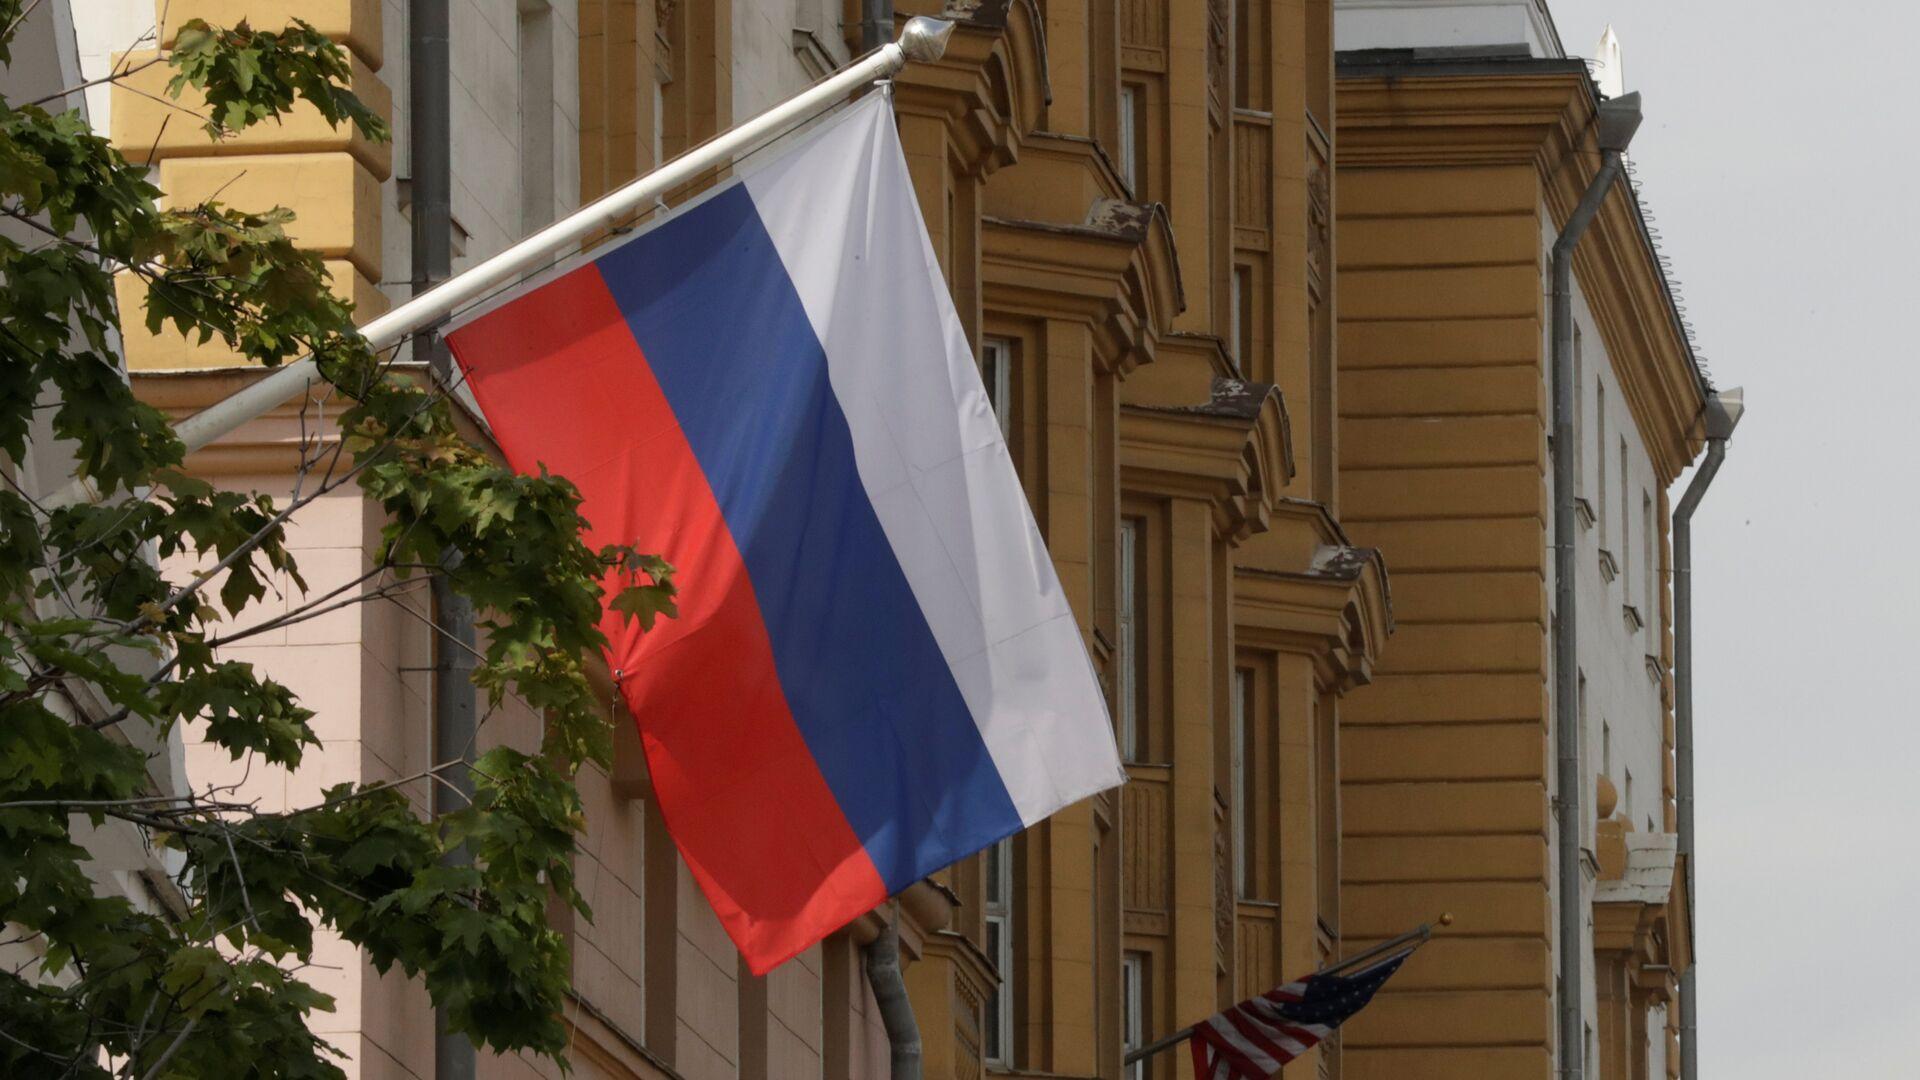 La bandera de Rusia flamea frente a la embajada de EEUU en Moscú - Sputnik Mundo, 1920, 05.04.2021